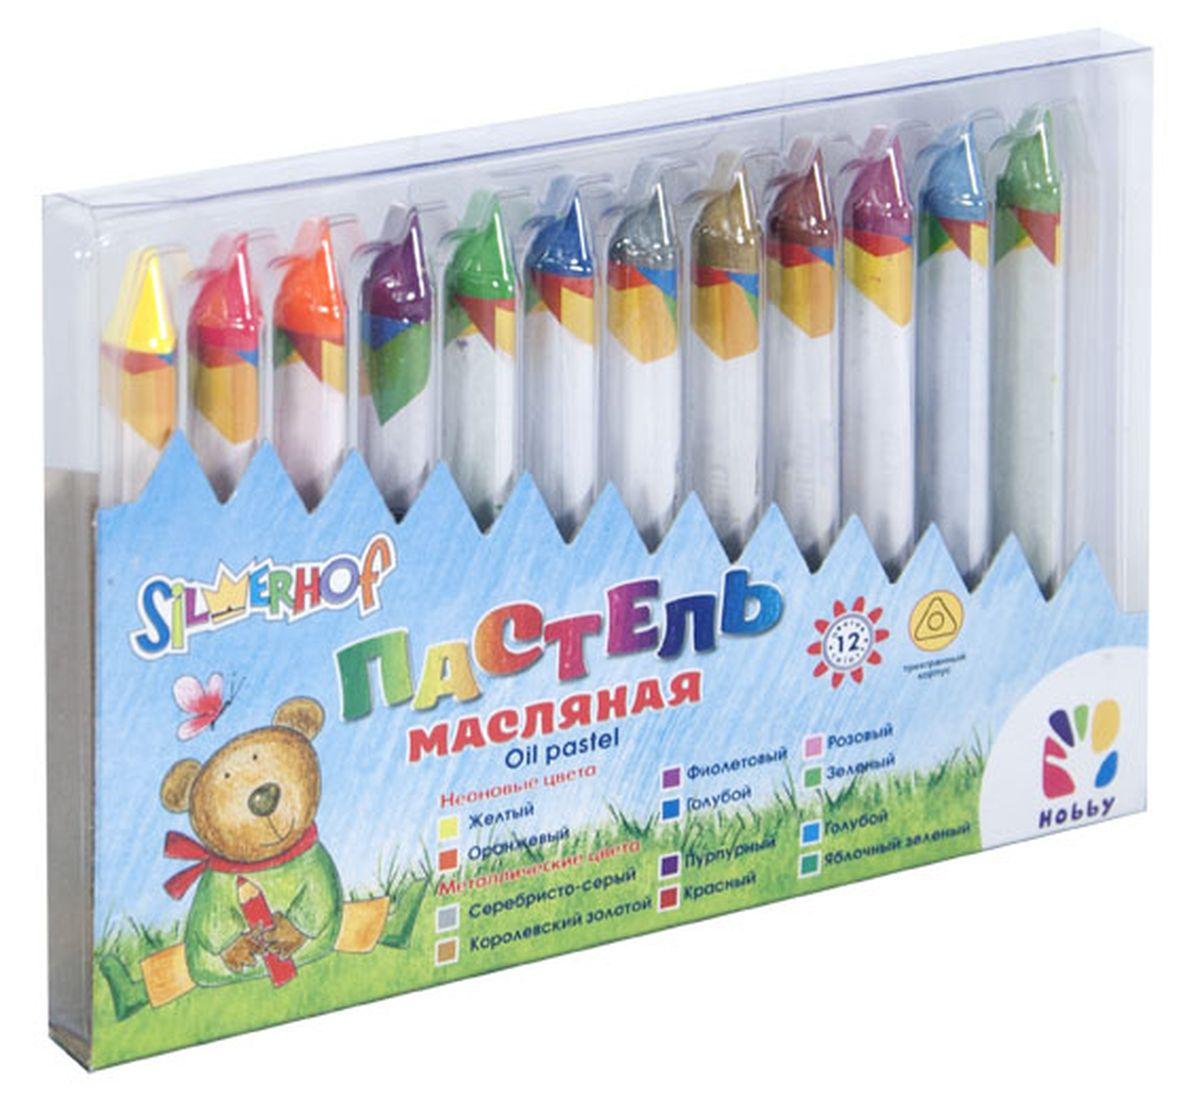 Silwerhof Пастель масляная Hobby Neon Metallic 12 цветов23С 1434-08Набор Silwerhof содержит масляную пастель (12 ярких активных цветов). Пастель выполнена в виде мелков треугольной формы, каждый из которых обернут в бумажную гильзу. Масляной постелью Silwerhof Hobby можно рисовать в любой технике - в сочетании с цветными карандашами и красками. При работе рекомендуется использовать шероховатые поверхности - специальную бумагу, картон, холст.